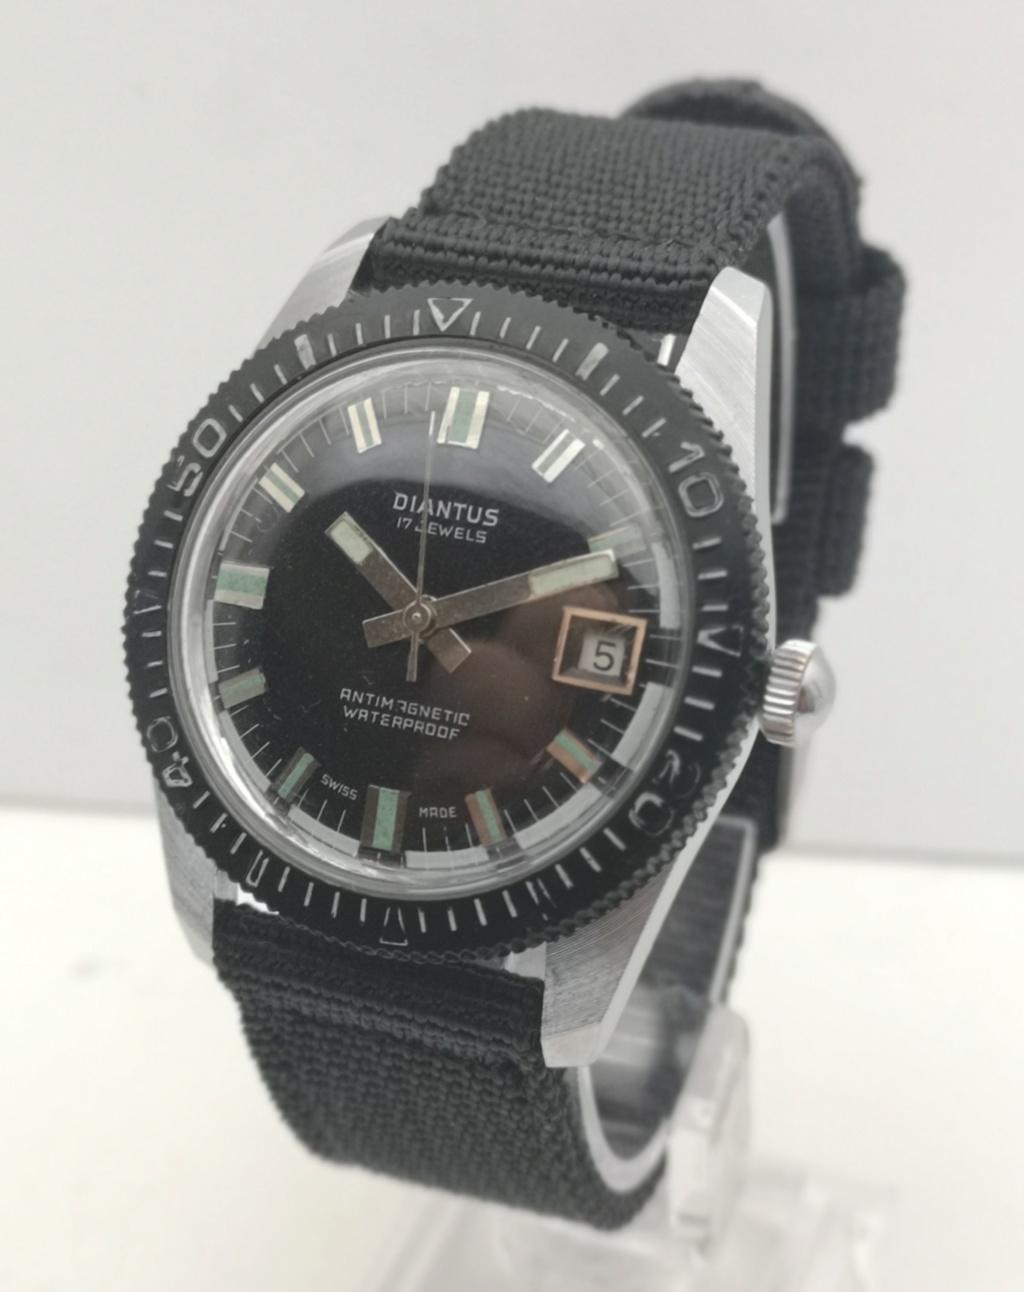 Relógios de mergulho vintage - Página 11 0243